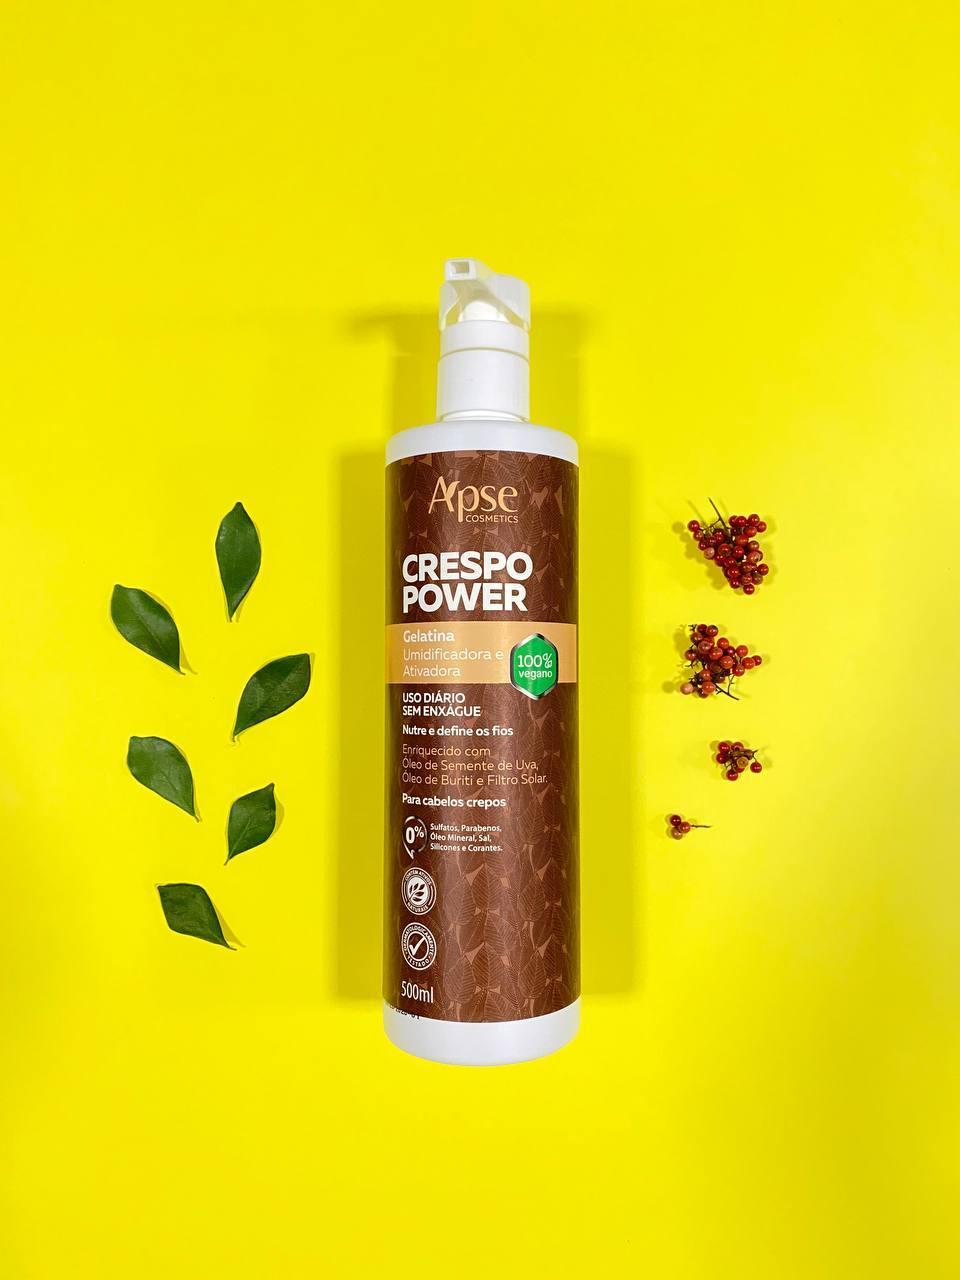 Gelatina Ativadora Umidificadora Crespo Power - Apse Cosmetics 500ml